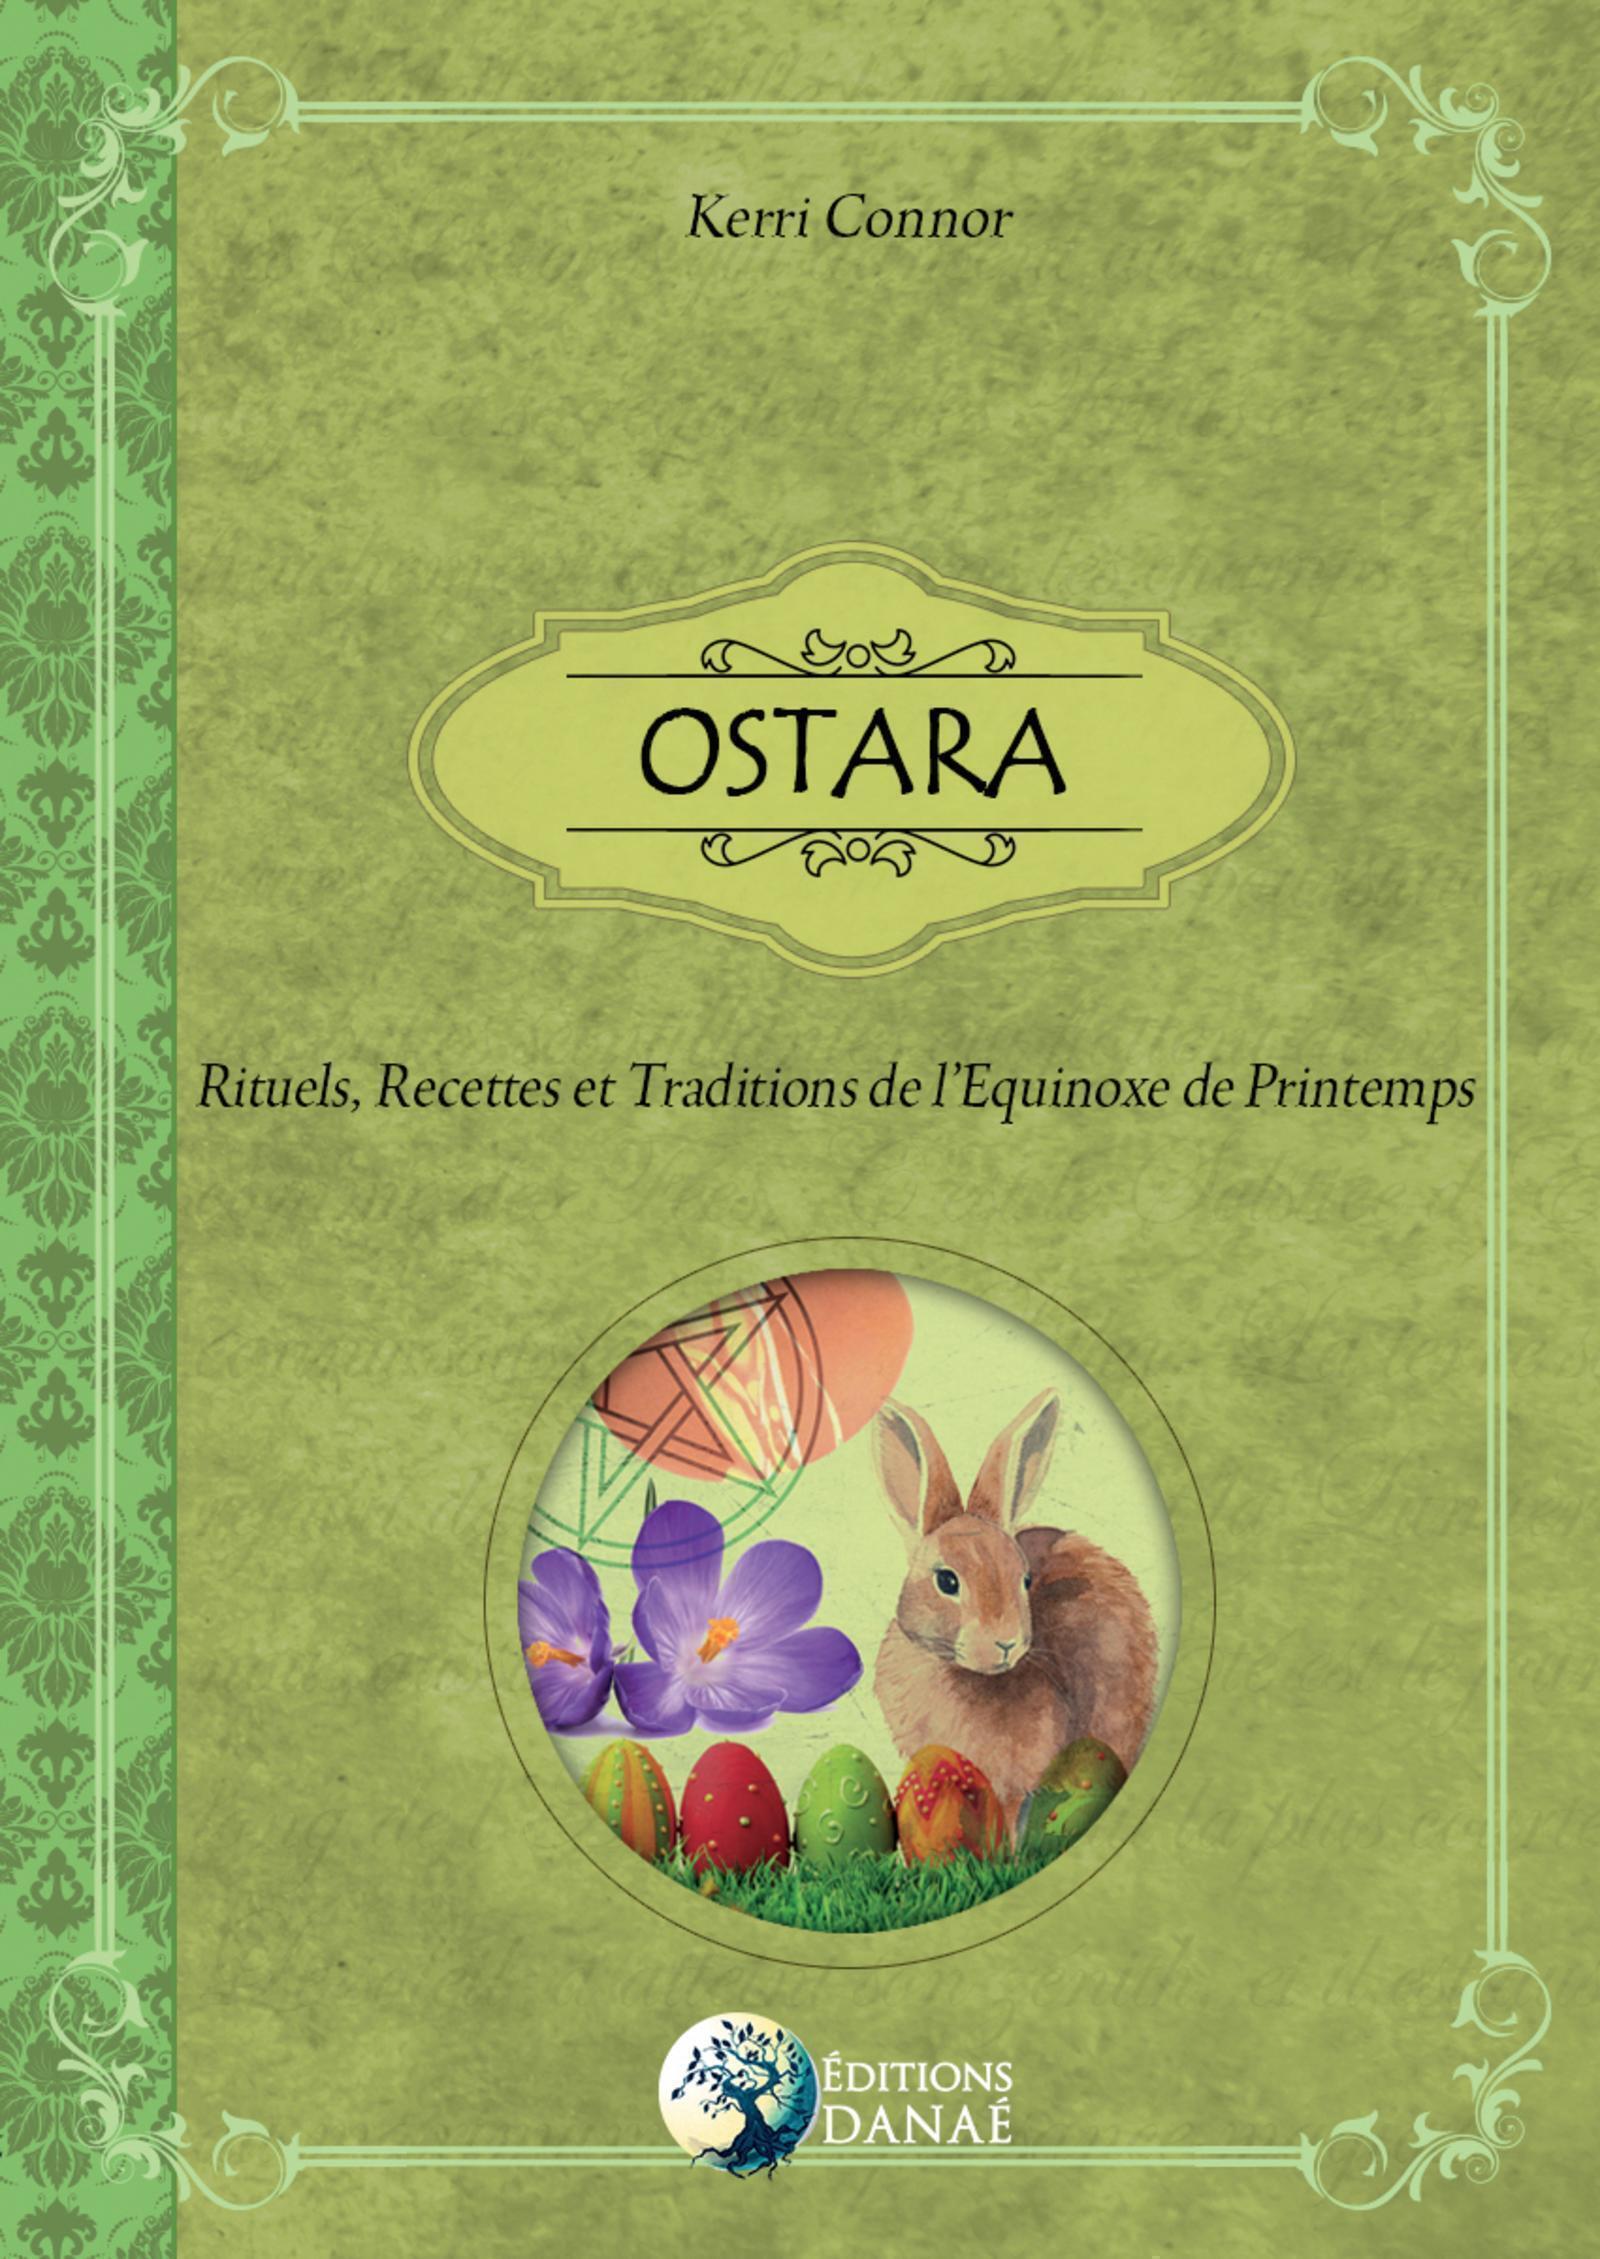 OSTARA - RITUELS  RECETTES ET TRADITIONS DE L EQUINOXE DE PRINTEMPS